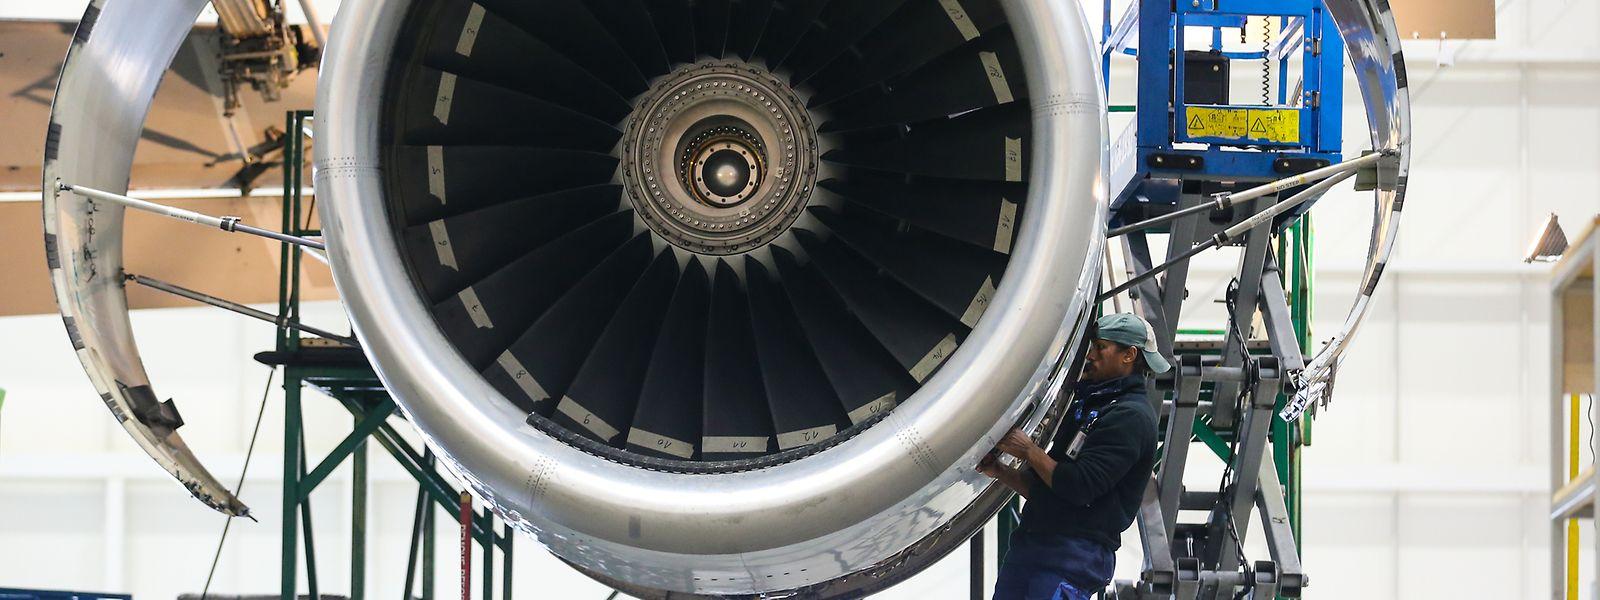 Kostenfaktor, aber auch Einnahmequelle: Cargolux verdiente mit Wartungen an Drittflugzeugen letztes Jahr rund 23 Millionen US-Dollar.